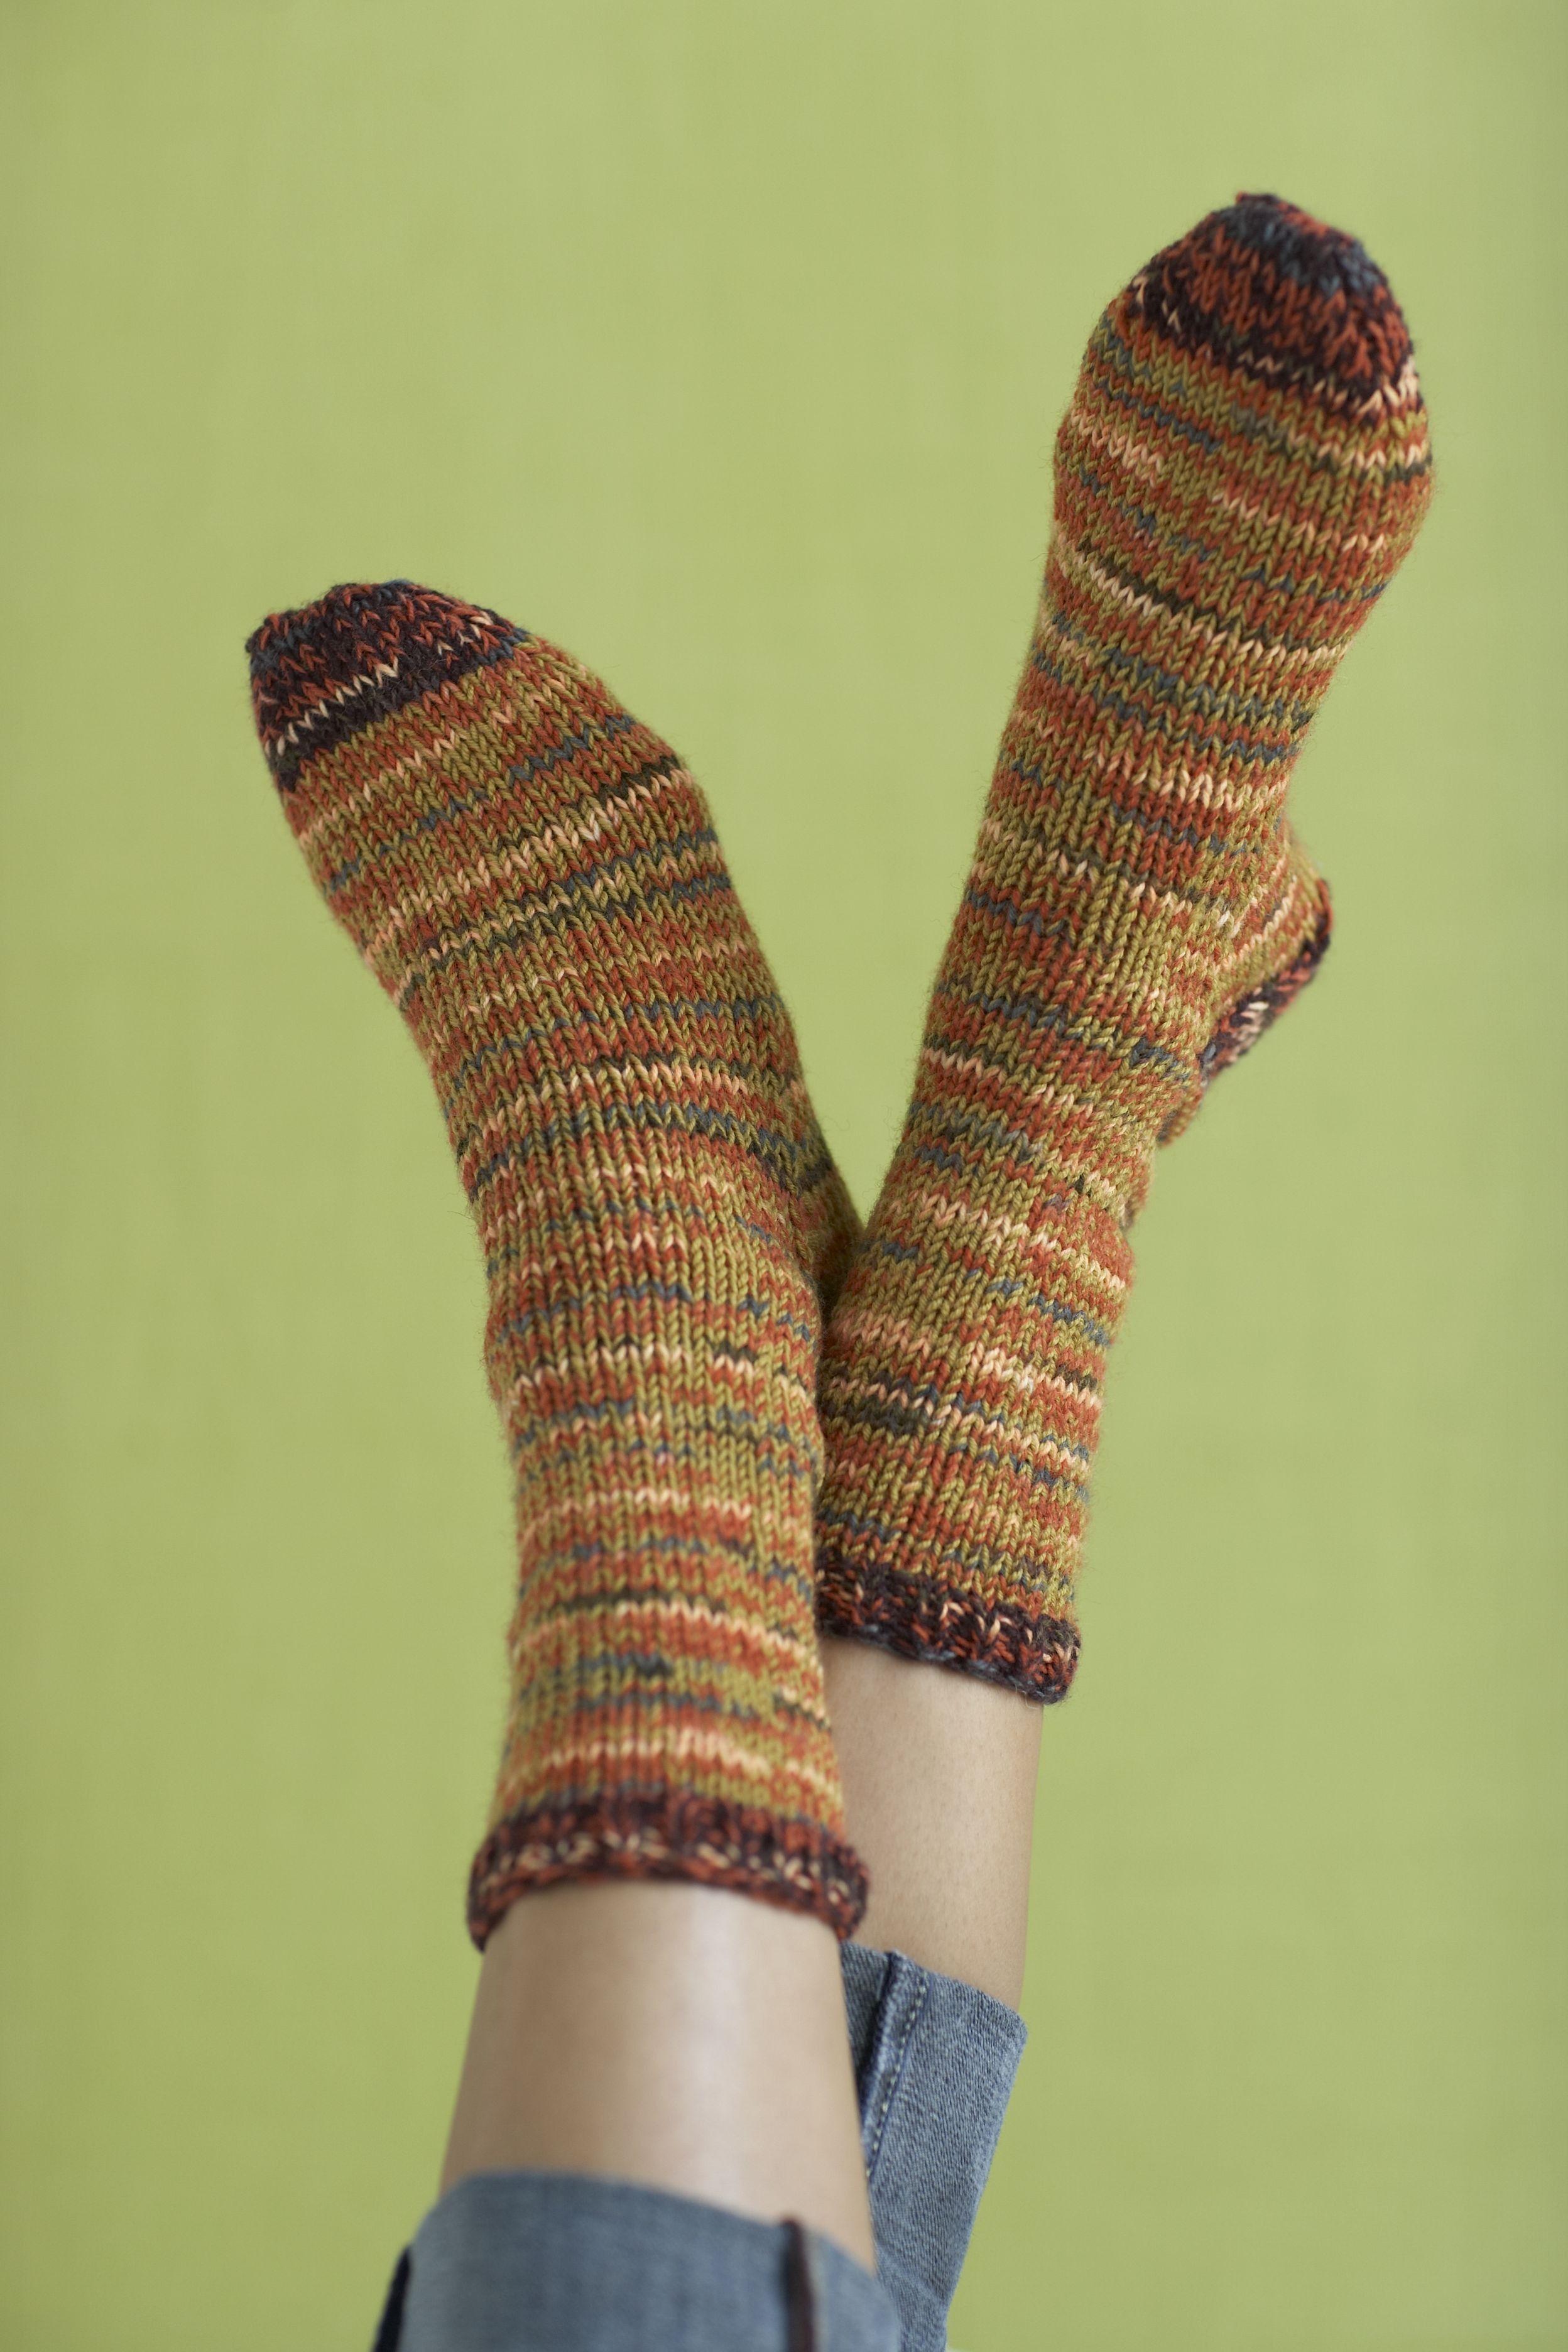 Boot Socks Pattern (Knit) Free, size 6 needles | Knitting ...